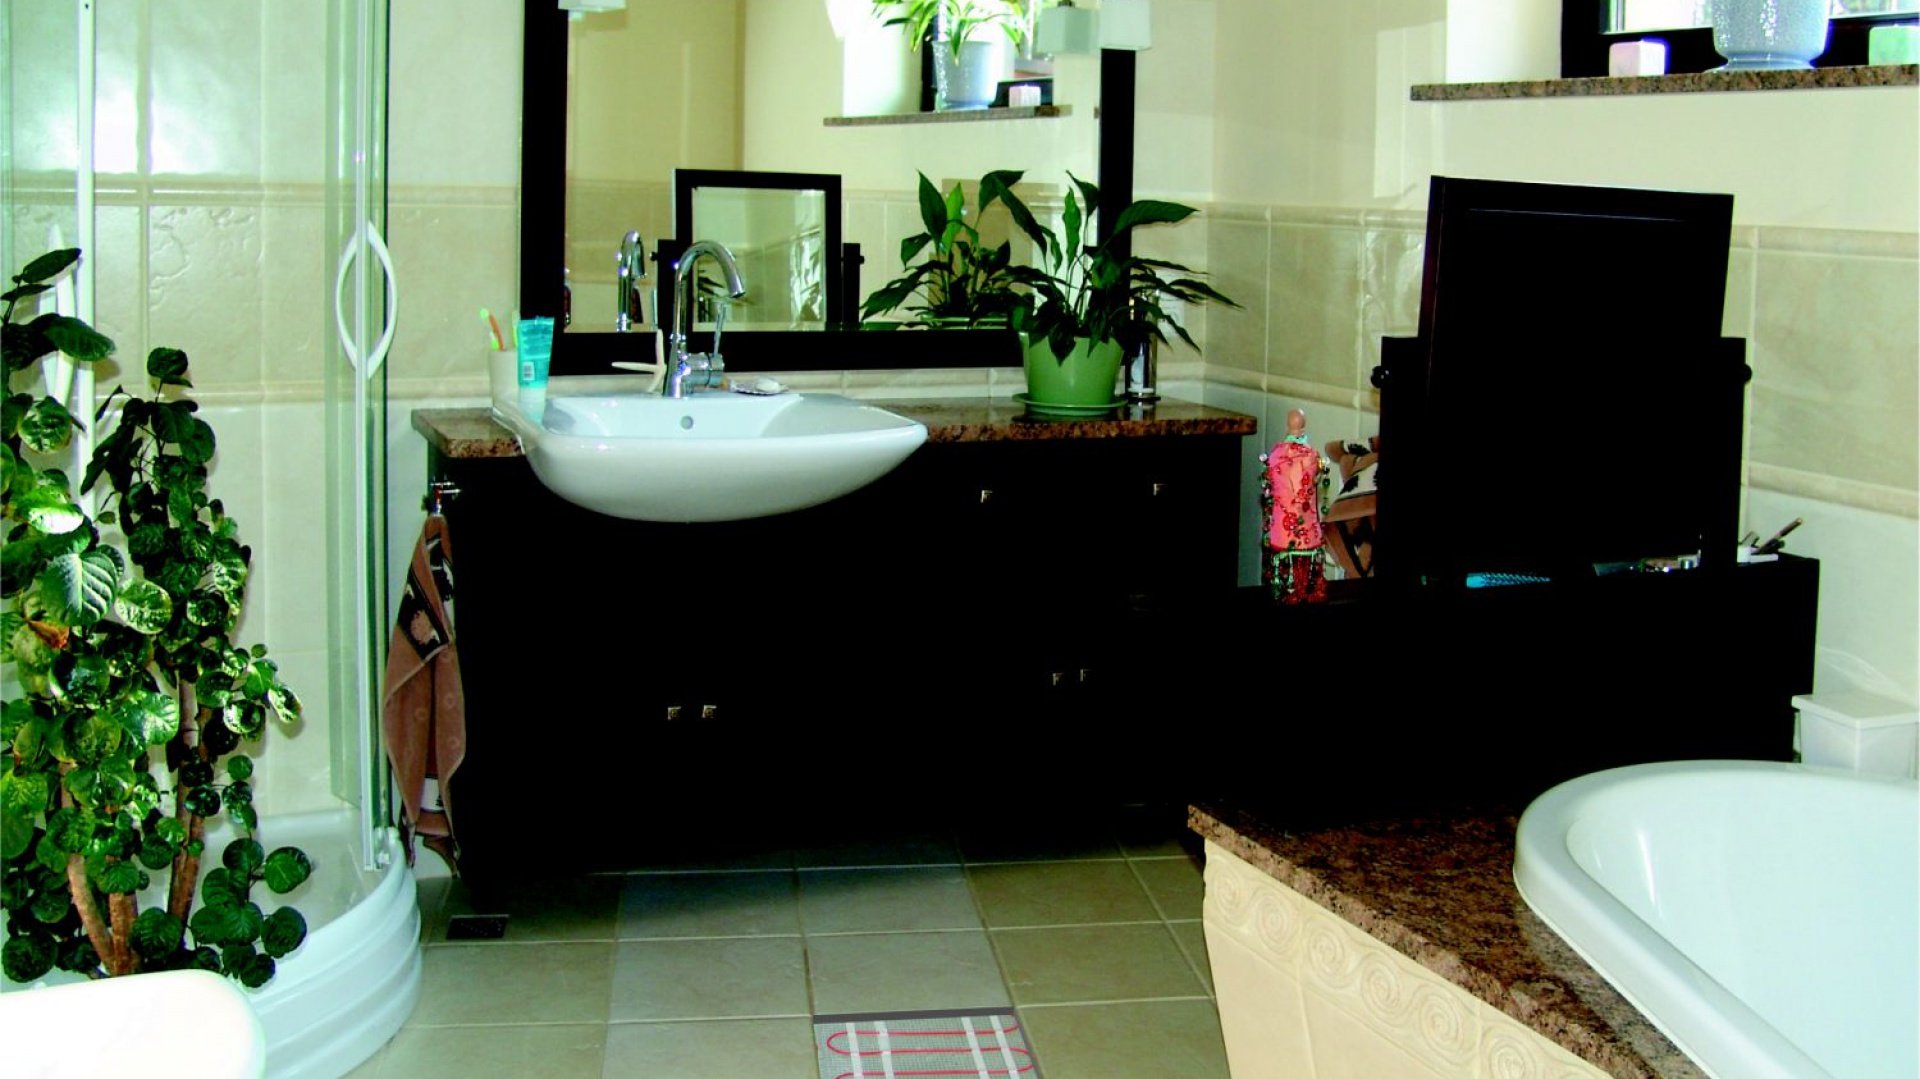 Maty grzejne montuje się pod posadzką, dzięki czemu w łazience nie ma konieczności montażu grzejników ściennych i nic nie zakłóca aranżacji. Fot. LUXBUD.